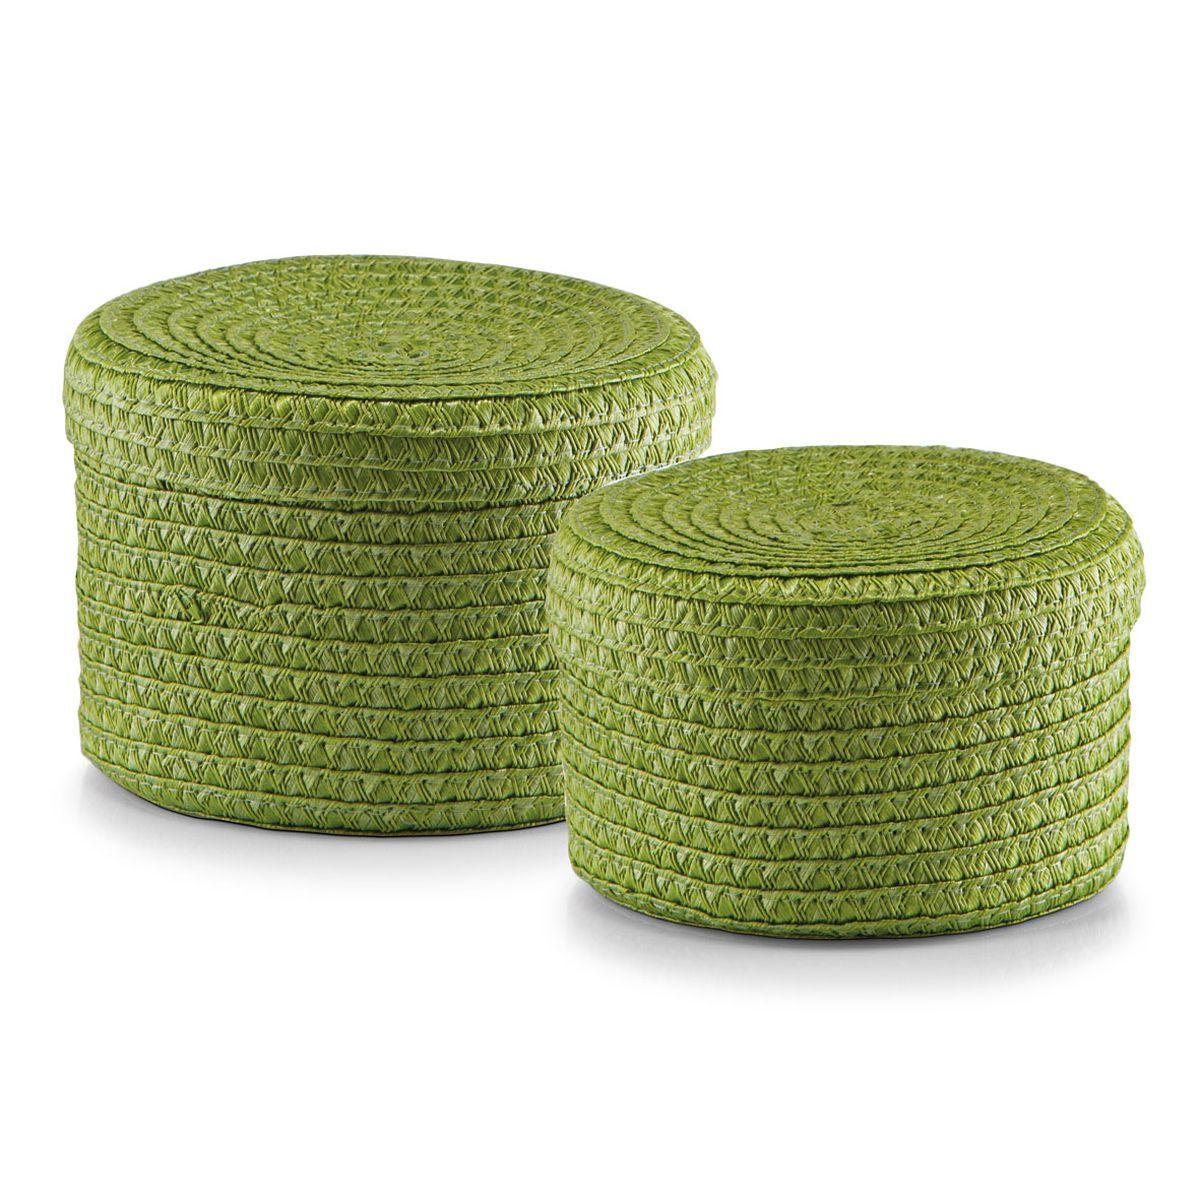 Набор корзин Zeller с крышками, цвет: зеленый, 2 штRG-D31SНабор Zeller состоит из двух корзин разного размера. Корзинки изготовлены из текстиля и оснащены крышками. Изделия идеально подходят для упаковки подарков, цветочных композиций и подарочных наборов, для хранения различных вещей и аксессуаров. Так же они являются прекрасным декоративным элементом интерьера.Такие корзины будут создавать уют и комфорт в вашем доме и станут отличным подарком. Диаметр корзин: 16 см, 17 см. Высота корзин: 10 см, 12 см.